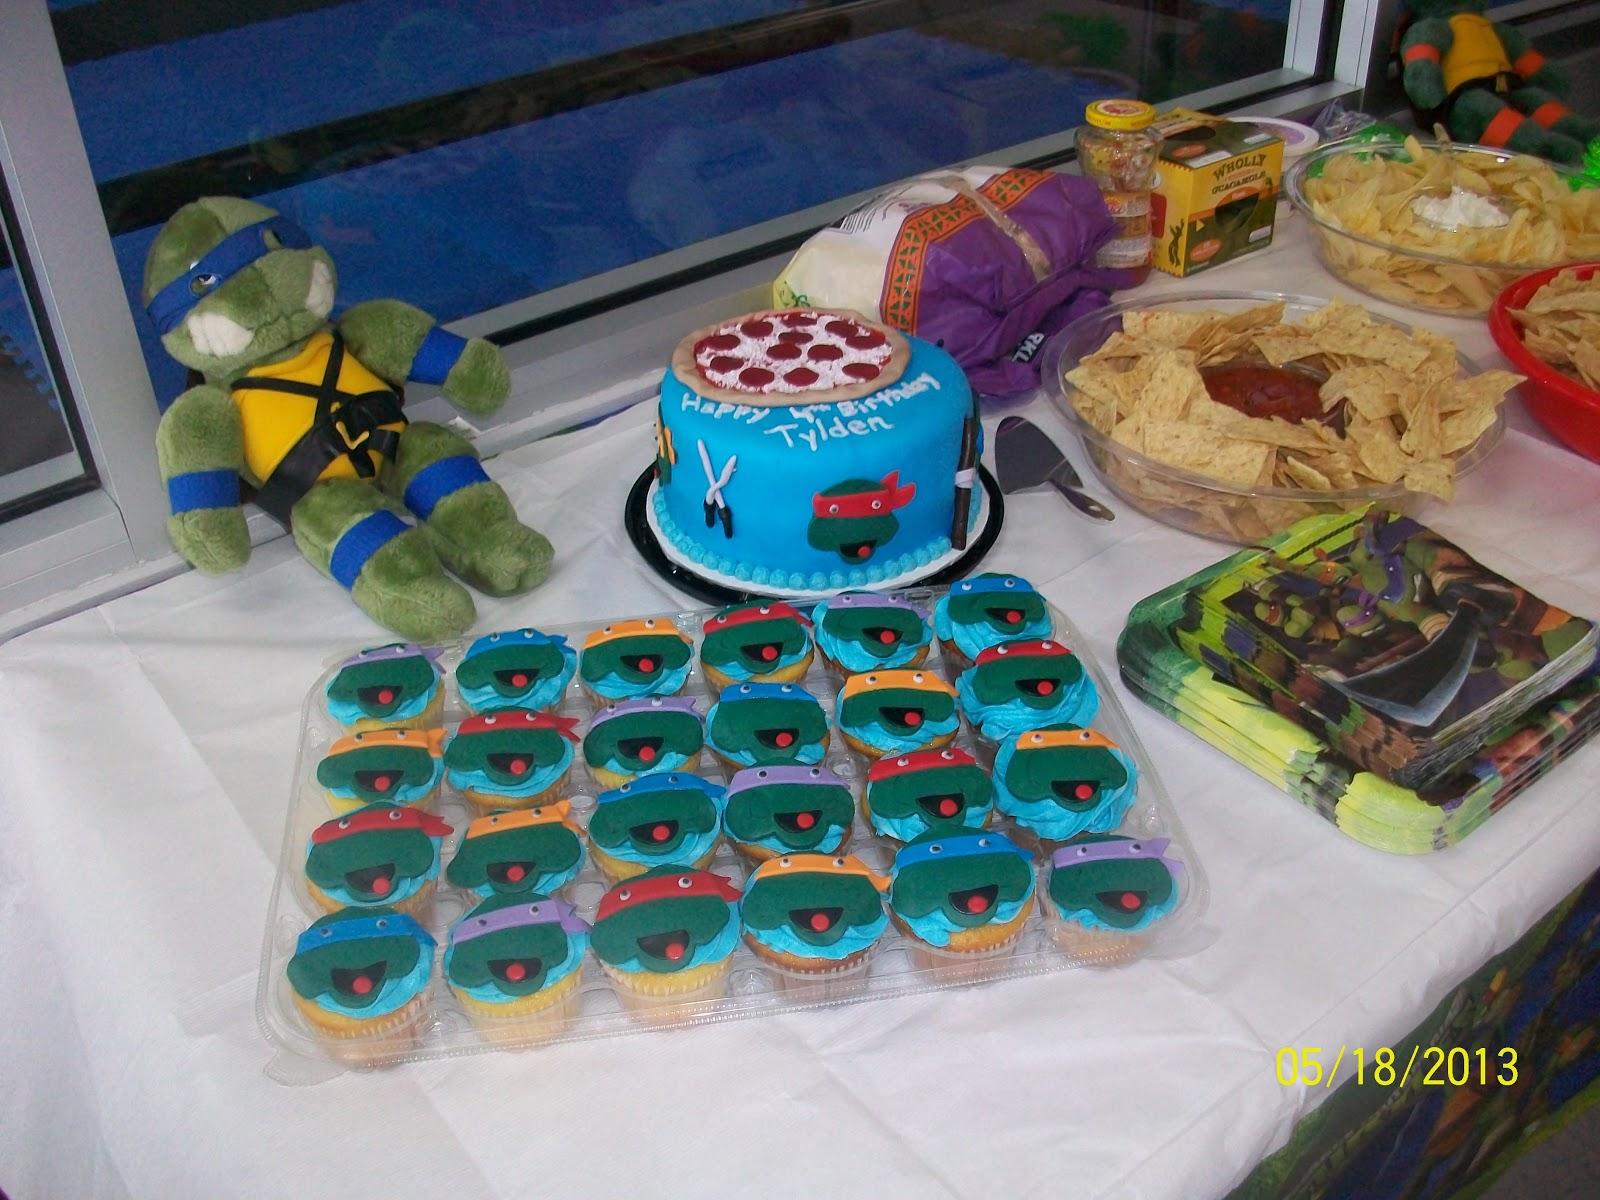 Teenage Mutant Ninja Turtles Birthday Cakes At Walmart